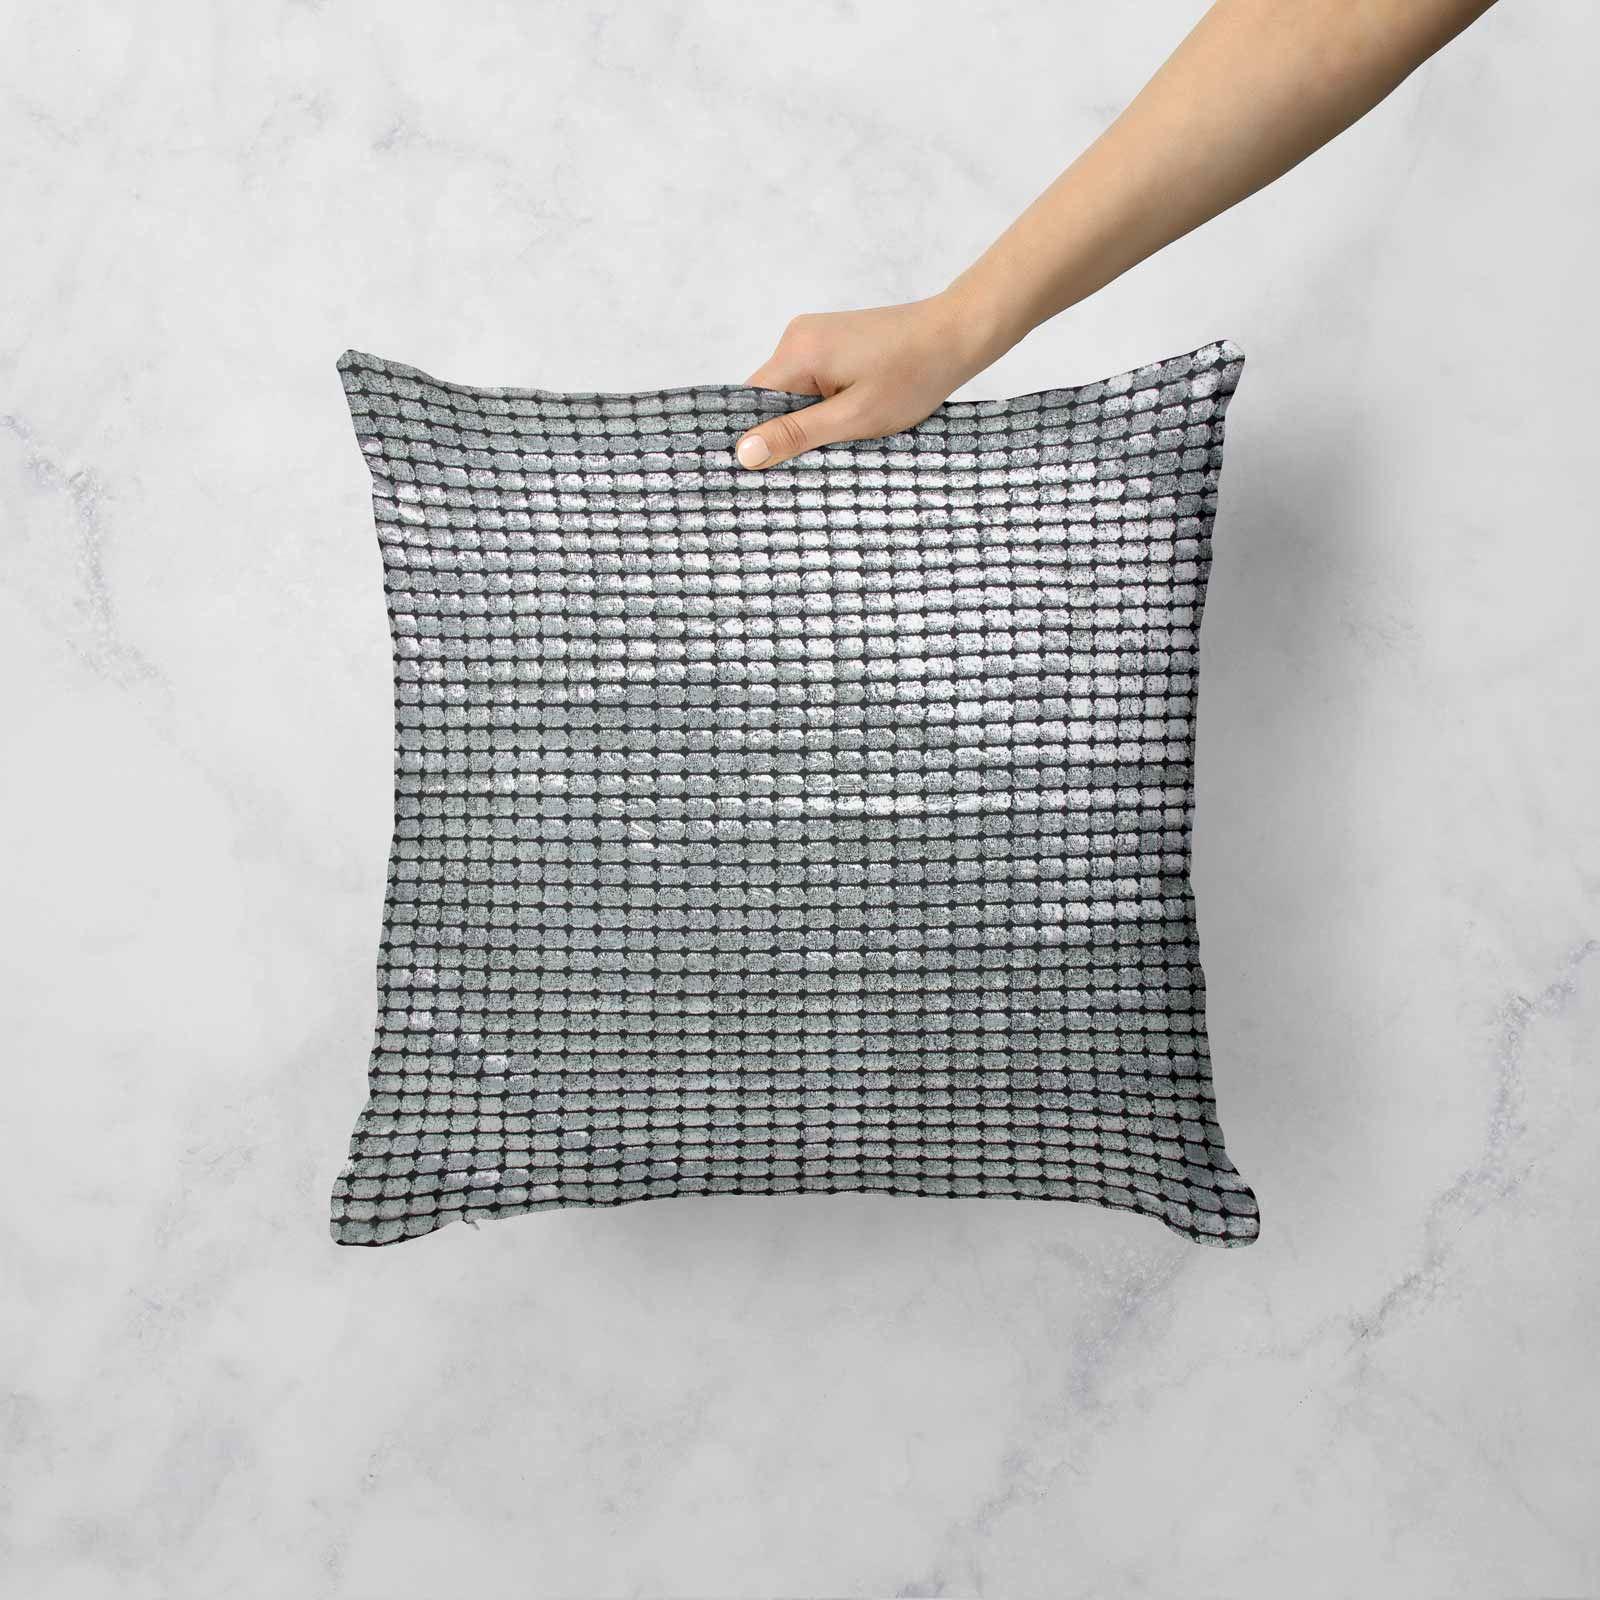 Impresion-de-lamina-metalica-Moderno-Funda-De-Cojin-Almohadon-cubiertas-de-cojines-18-034-X-18-034 miniatura 24